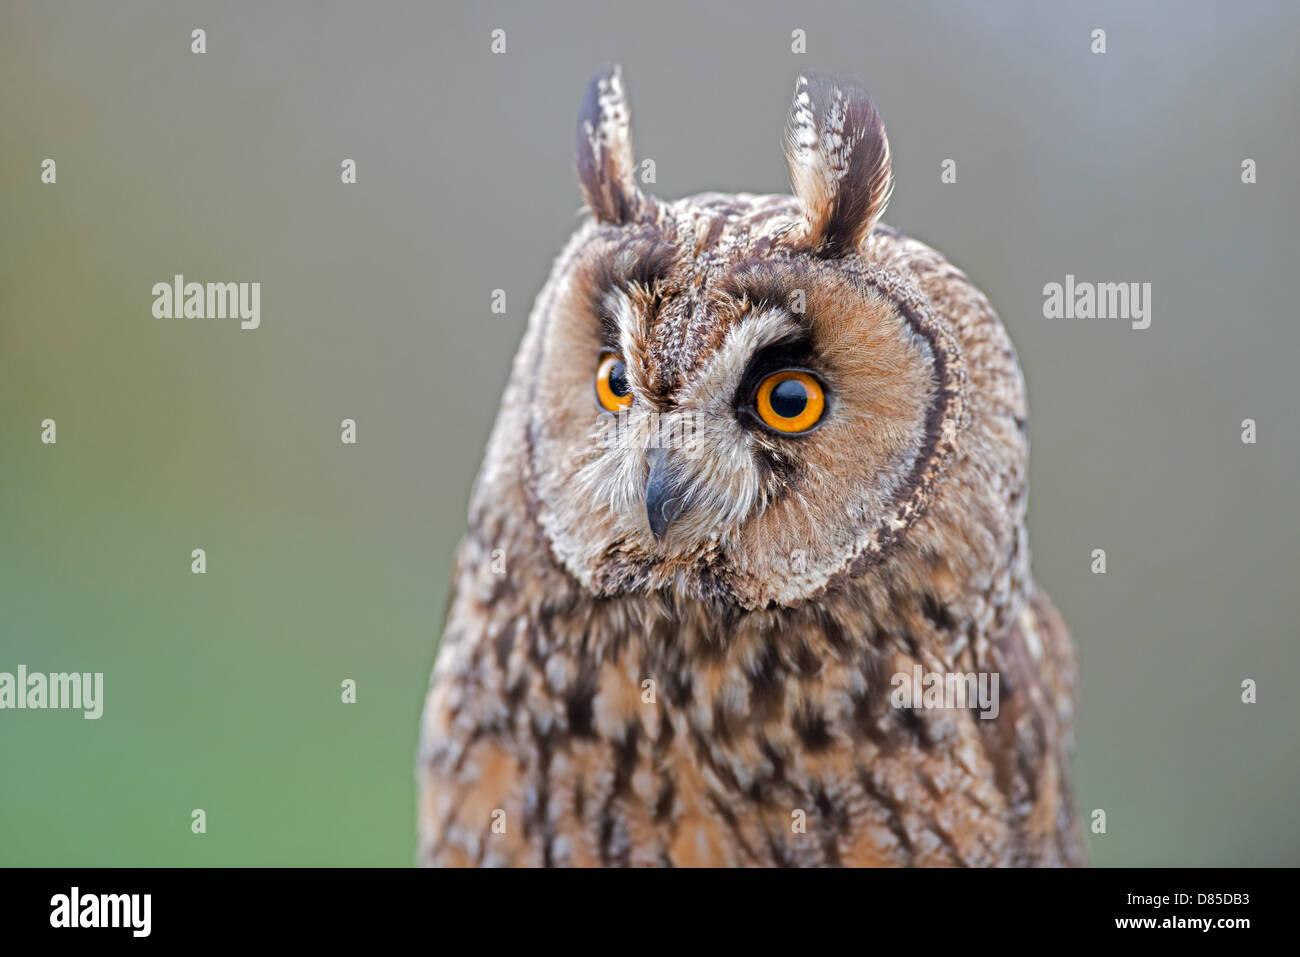 Long-eared Owl, Asio otus. UK - Stock Image